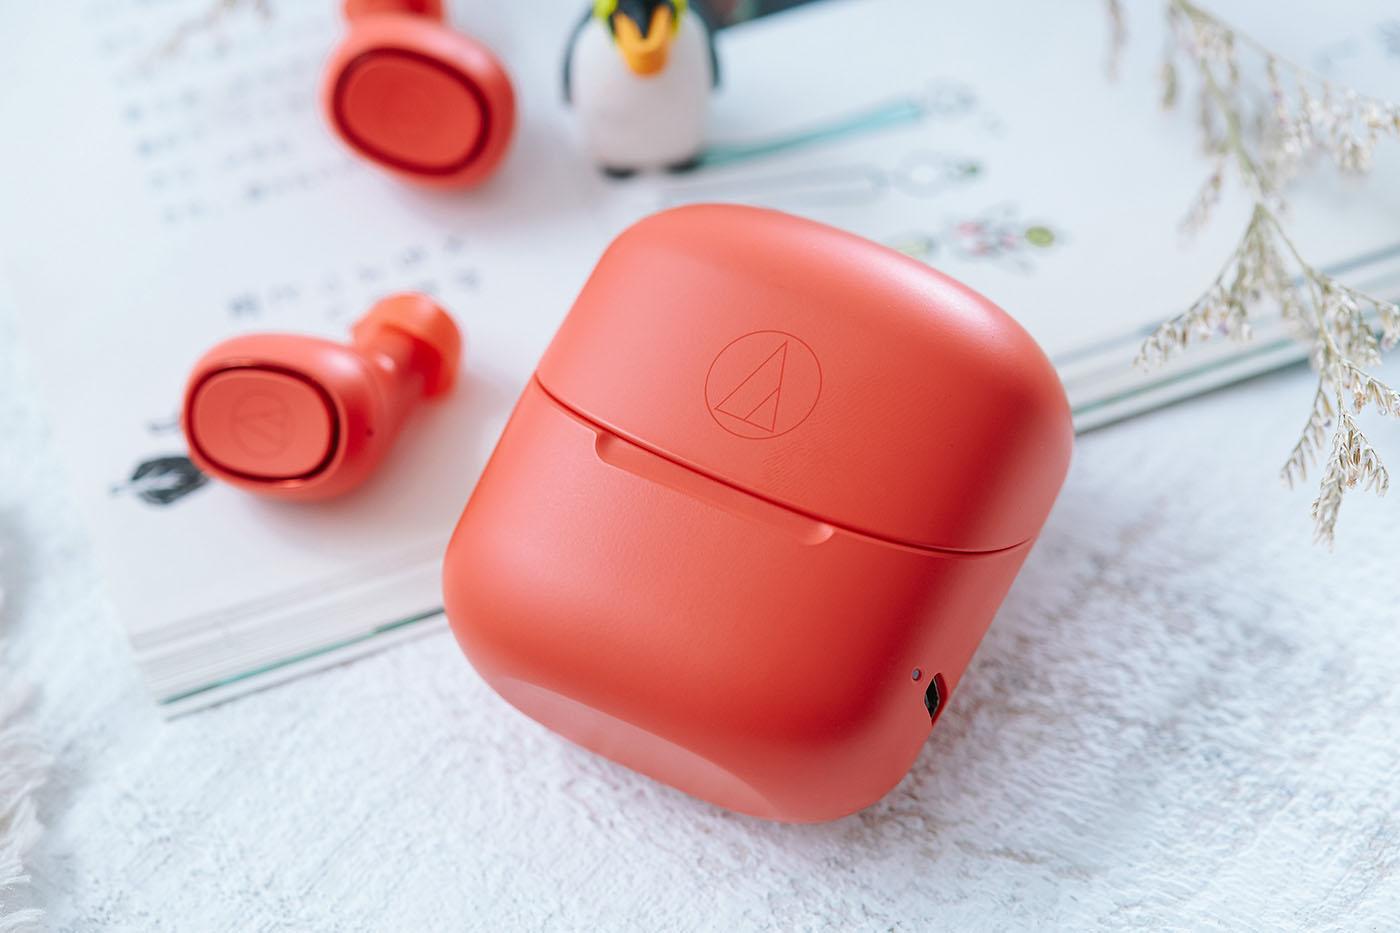 一款好的真無線藍牙耳機附件�,絕對也需要一組優秀的收納盒,因為這顆收納盒還肩負幫耳機充電的職責,而ATH-CK3TW 配�的收納盒,具備將耳機充滿4次電的能力,加上ATH-CK3TW 本體電池就擁有6小時續航效果,�配收納盒就能帶來最長30小時聆聽時間,相信縱使每天通勤聆聽音樂,也足夠一周使用。另外ATH-CK3TW 耳機與收納盒採用同色系�計,帶來相當美觀的一體感,而這款耳機除了小編評測的紅色機型外,另有黑色、白色以及藍色機型,更多樣化的色彩選擇,也能對應不同愛樂者對於個人時尚風格展現的需求。